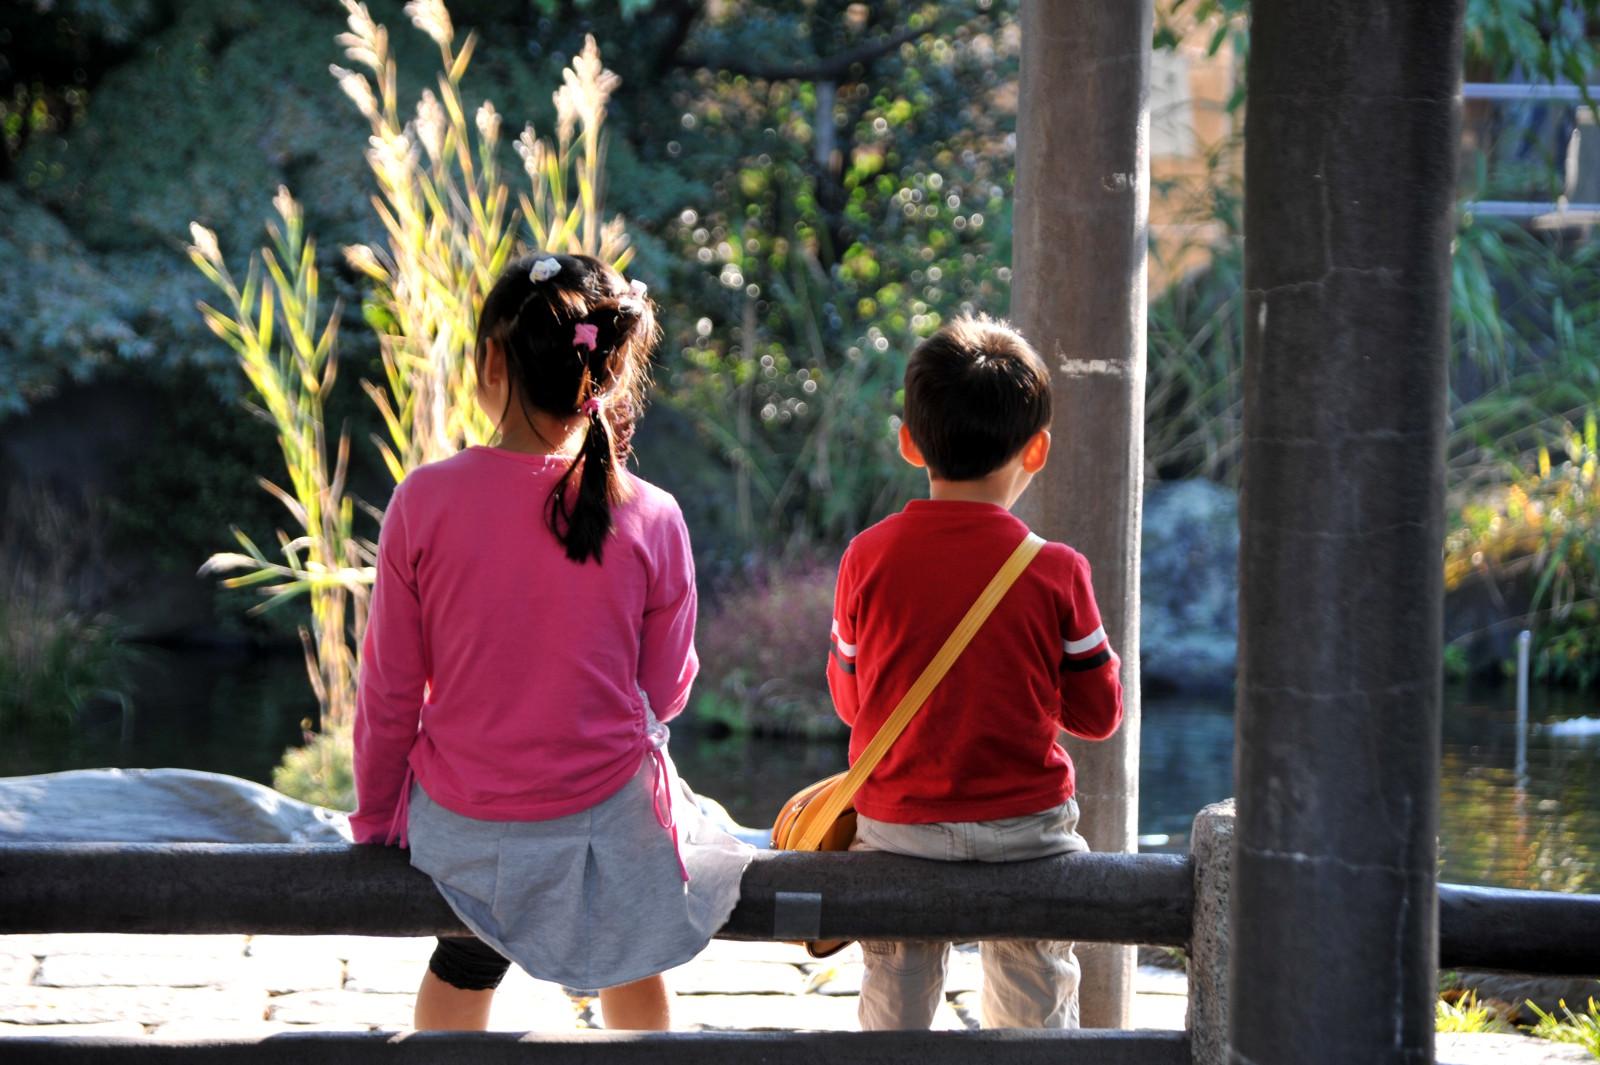 兵庫県の道の駅おすすめランキング!人気グルメや足湯で一息つこう!